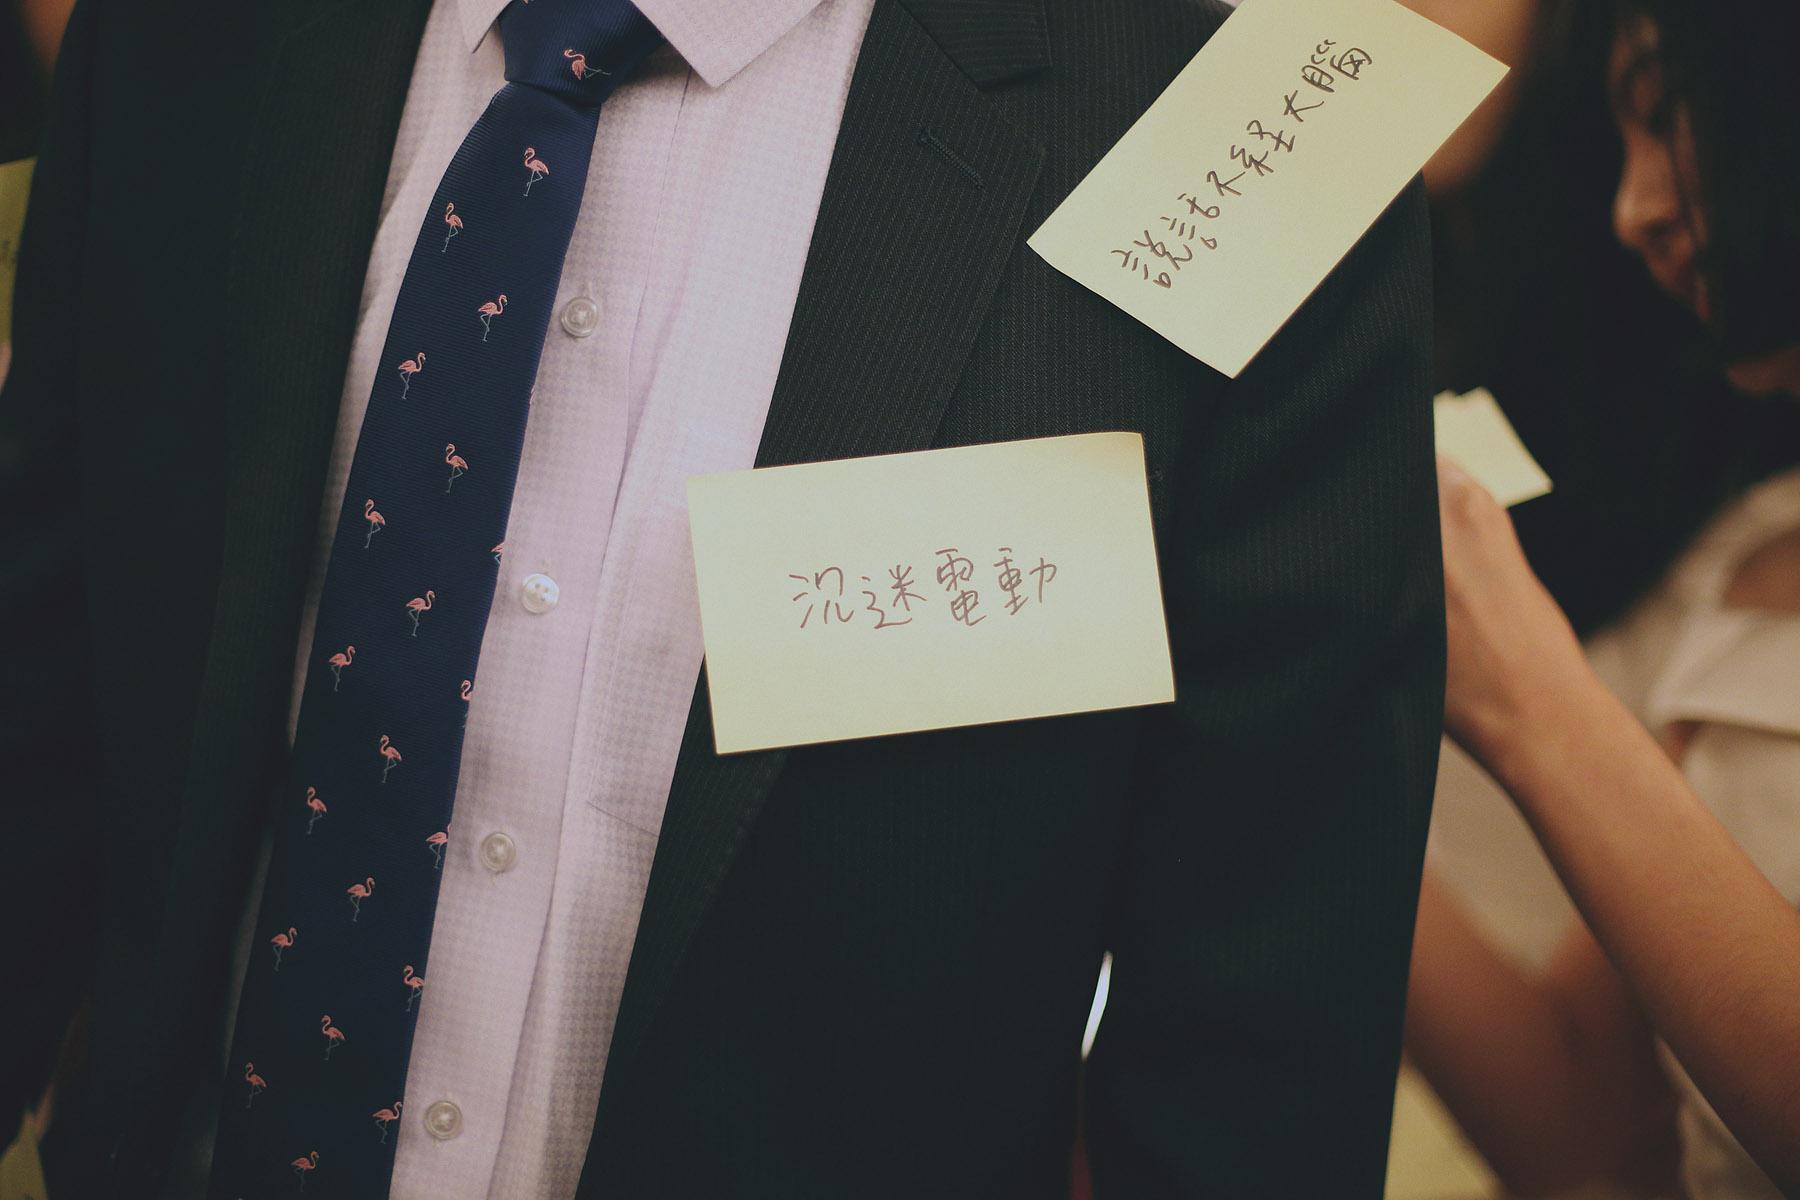 婚禮攝影,婚攝,婚禮紀錄,推薦,台北,自然風格,底片風格